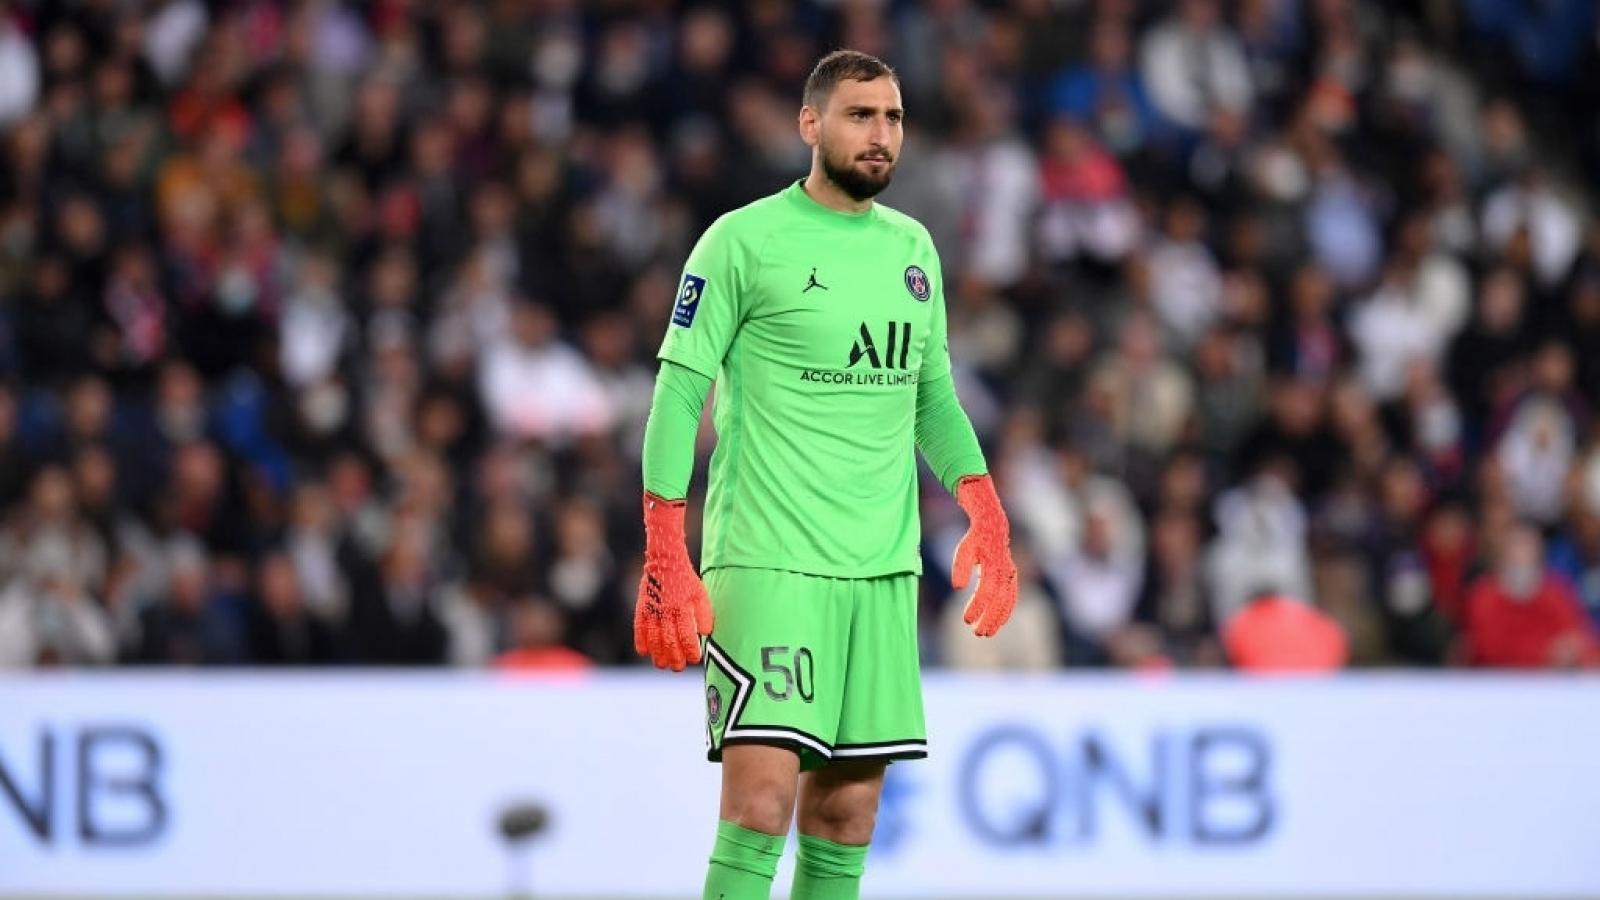 Cầu thủ xuất sắc nhất EURO 2021 bức xúc khi phải dự bị ở PSG